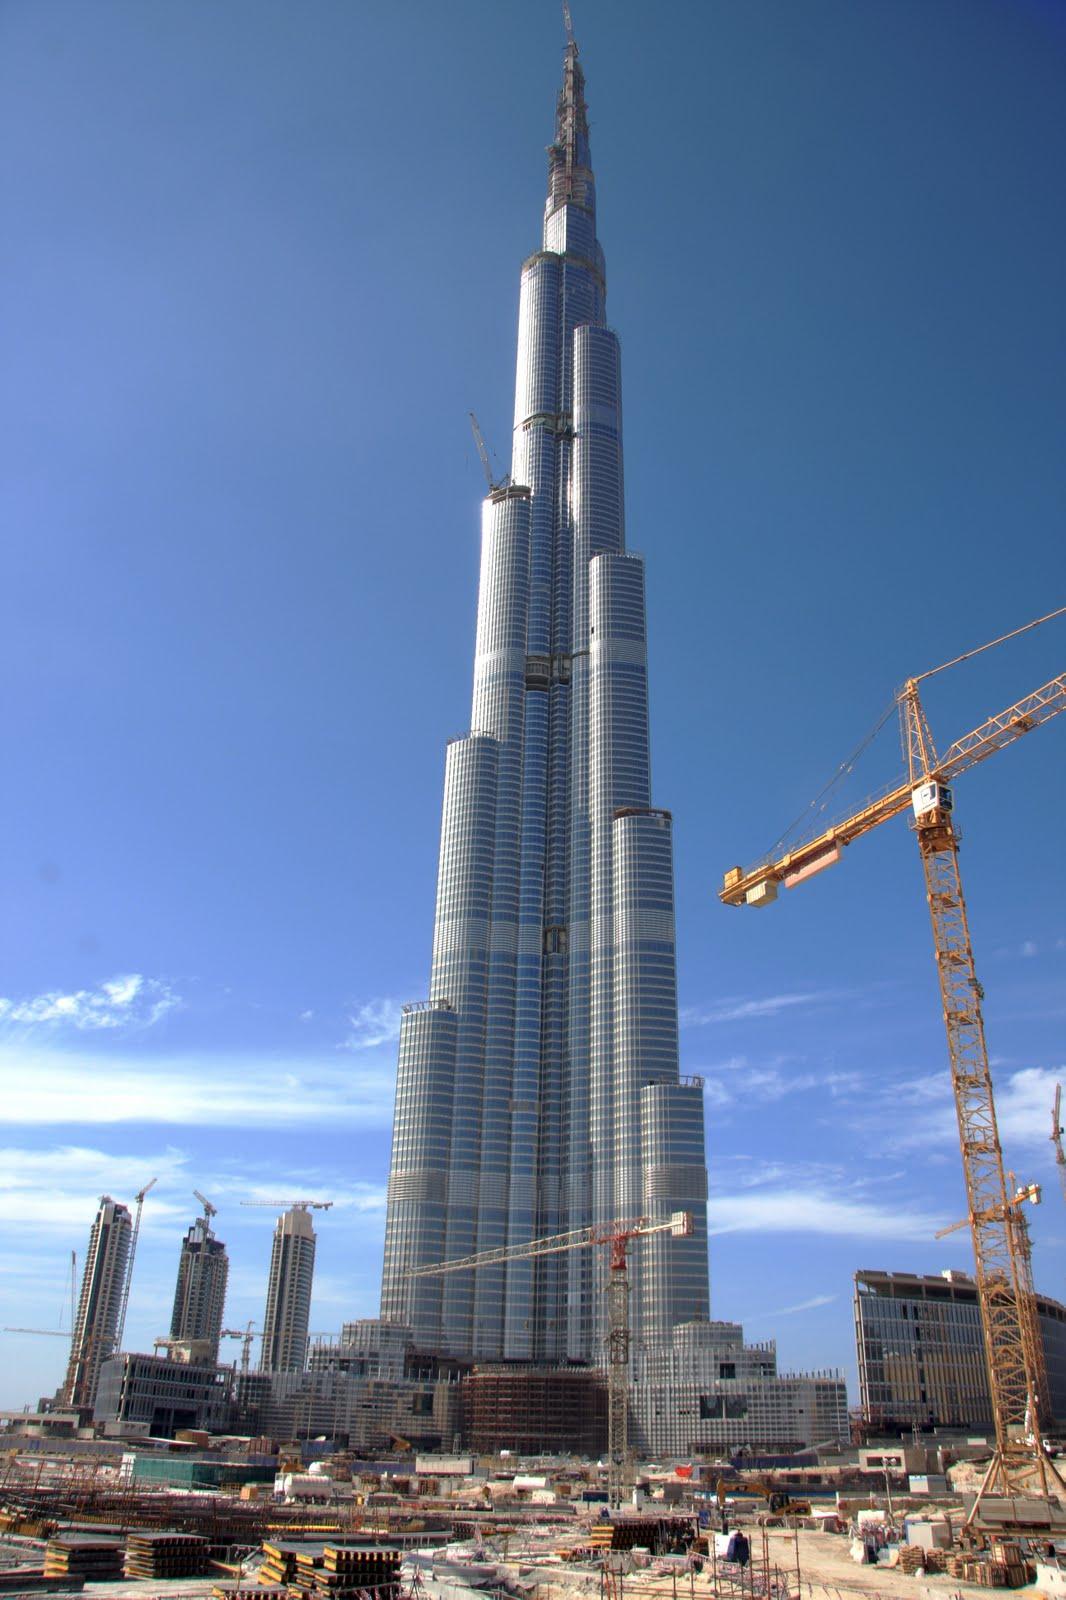 The World Visit Burj Dubai Tower At Night